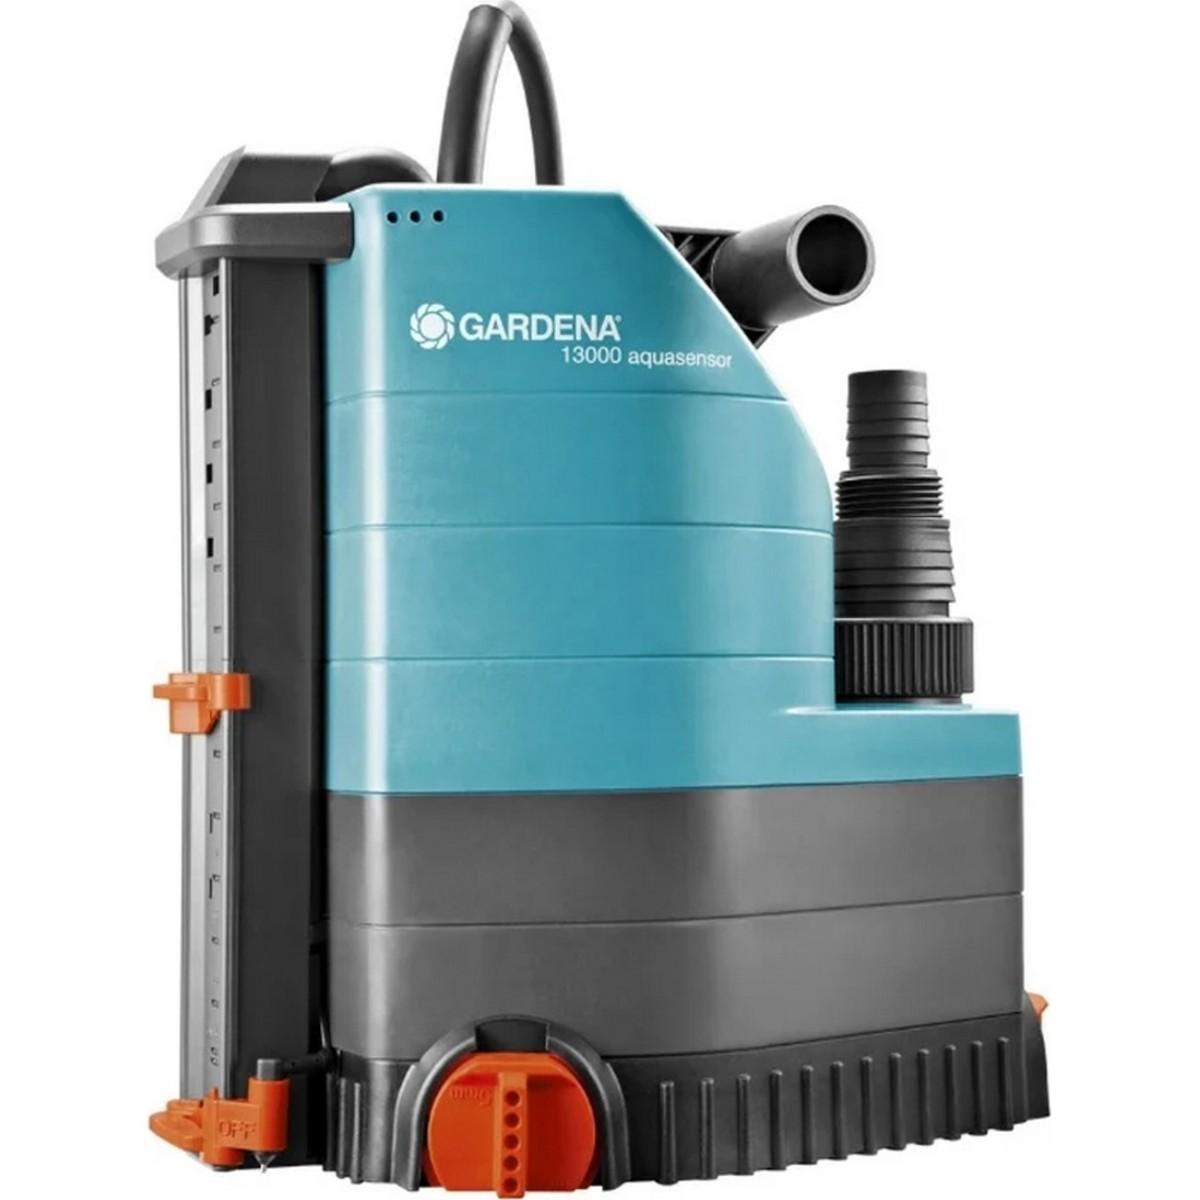 Дренажный насос Gardena 13000 Aquasensor 01785-20.000.00